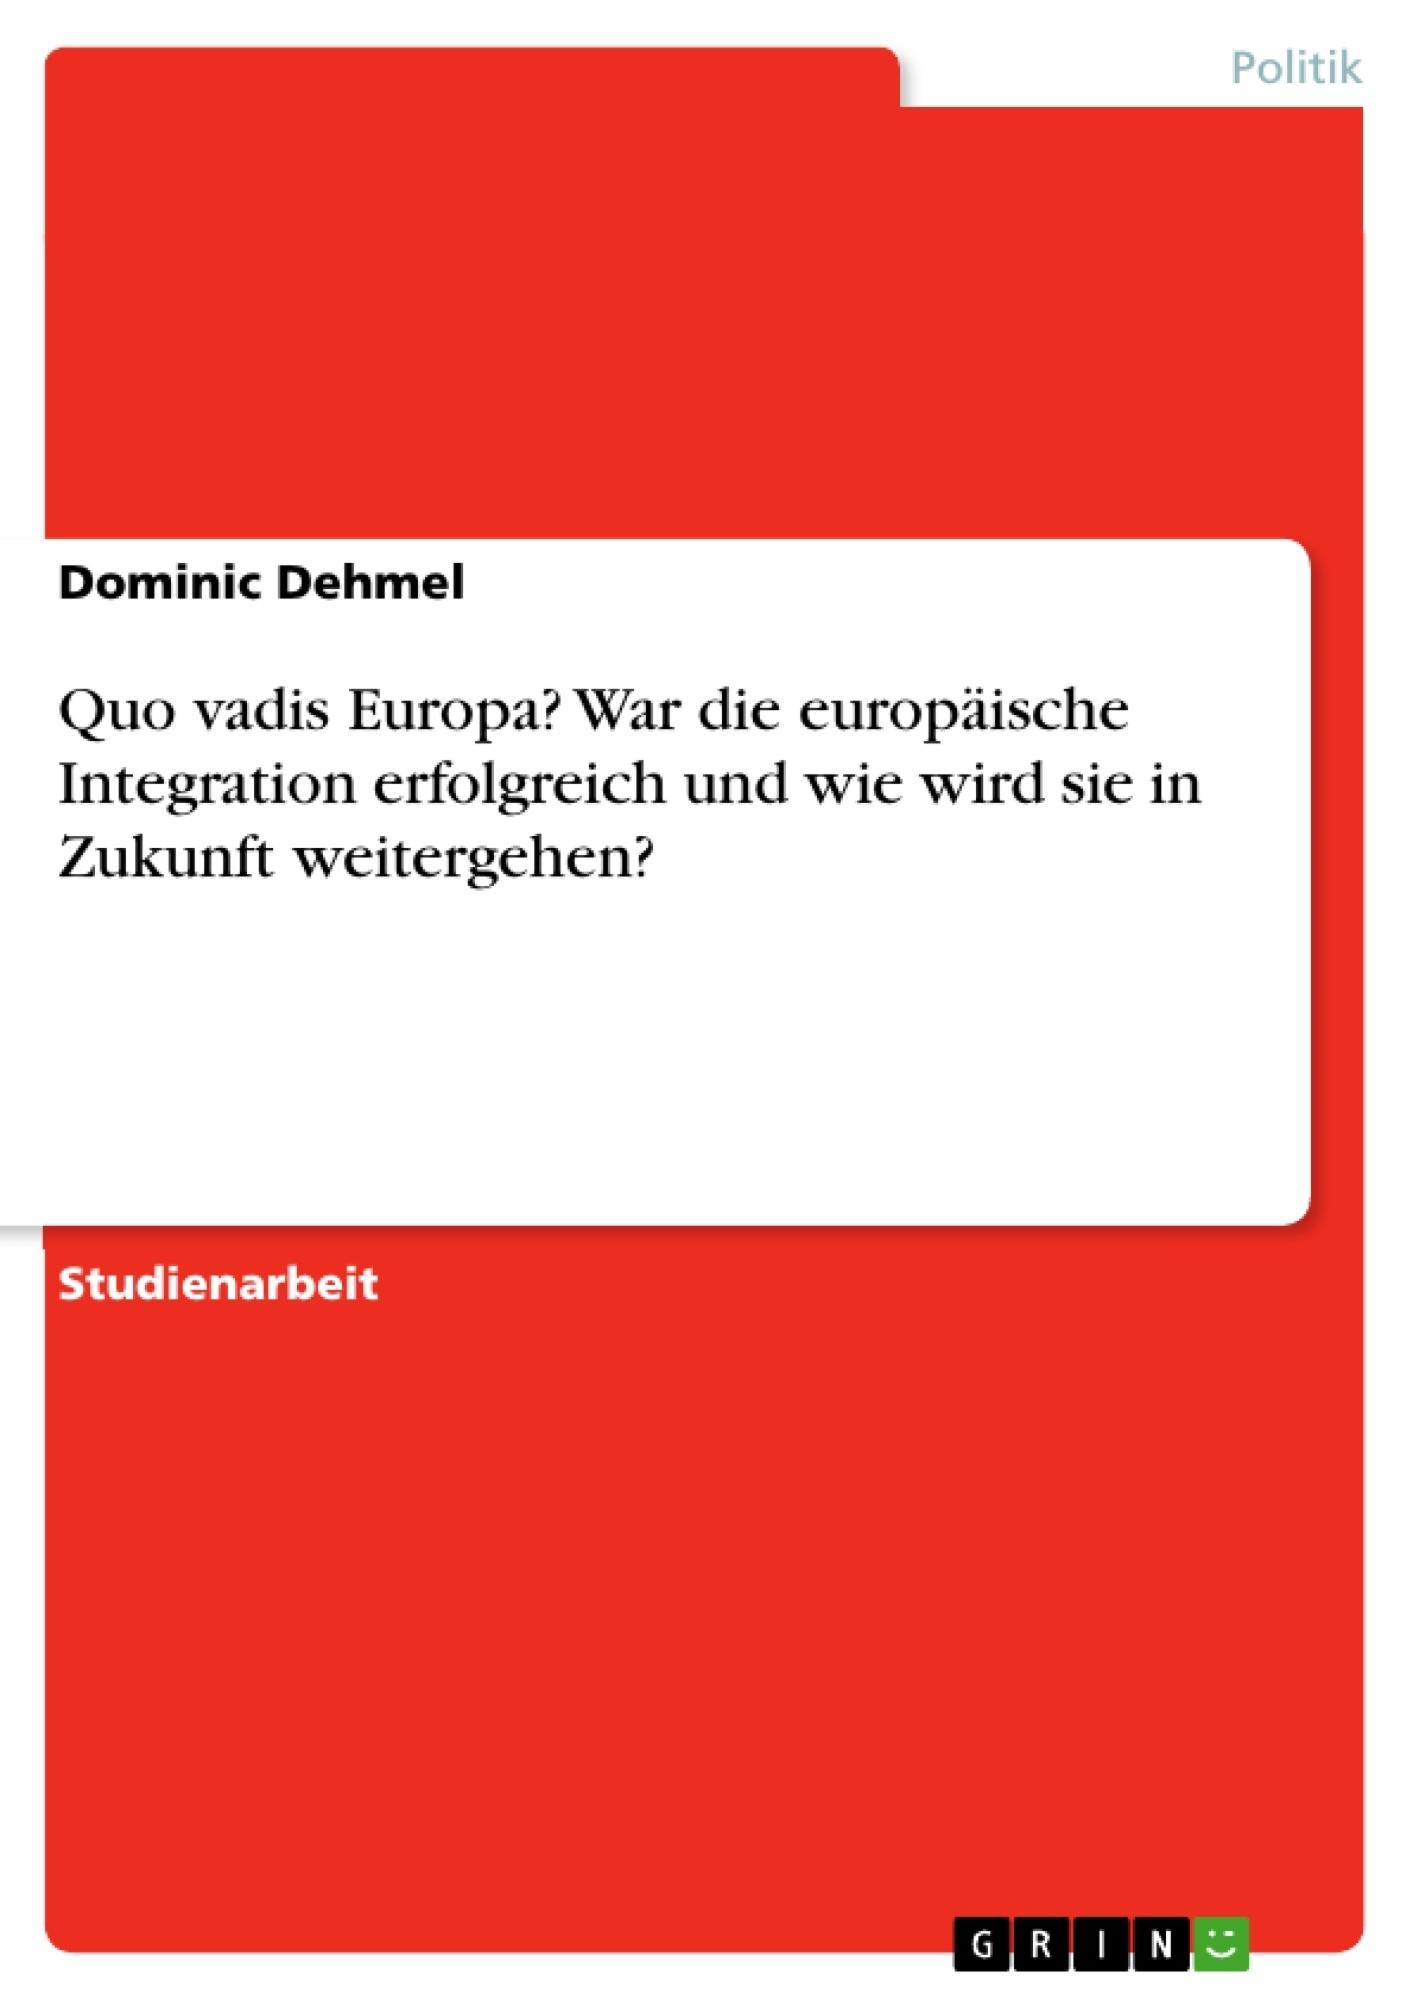 Titel: Quo vadis Europa? War die europäische Integration erfolgreich und wie wird sie in Zukunft weitergehen?